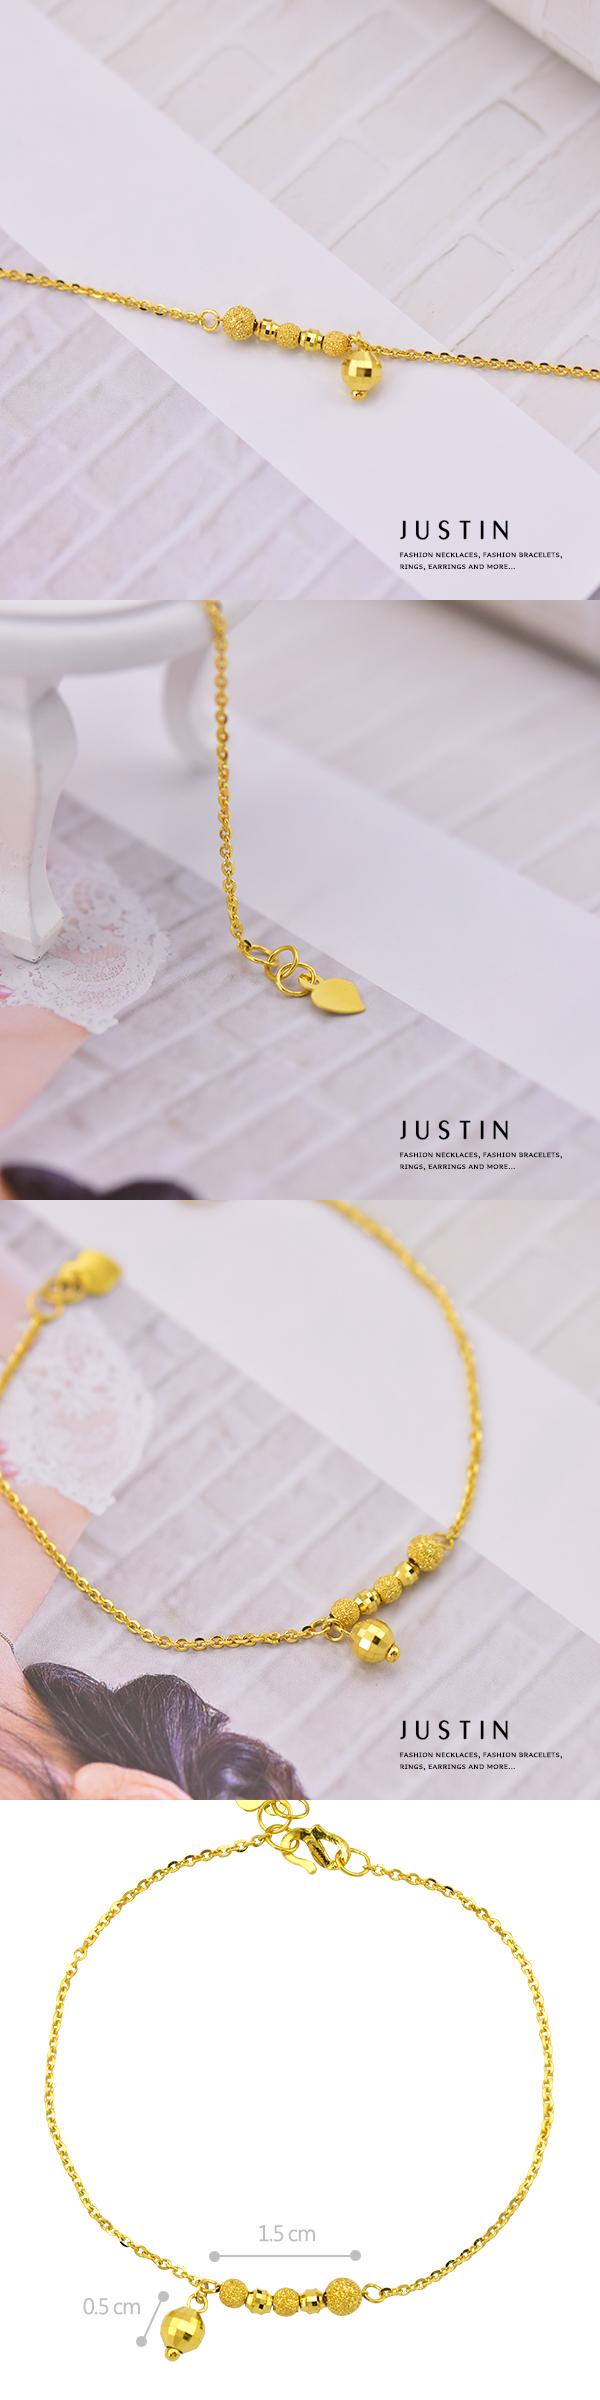 金緻品,金製品,黃金價格,金飾,金飾價格,黃金飾品,金飾店,純金,金飾品牌,黃金投資,黃金,真摯祝福,黃金球,黃金串珠,鑽砂,黃金手鍊